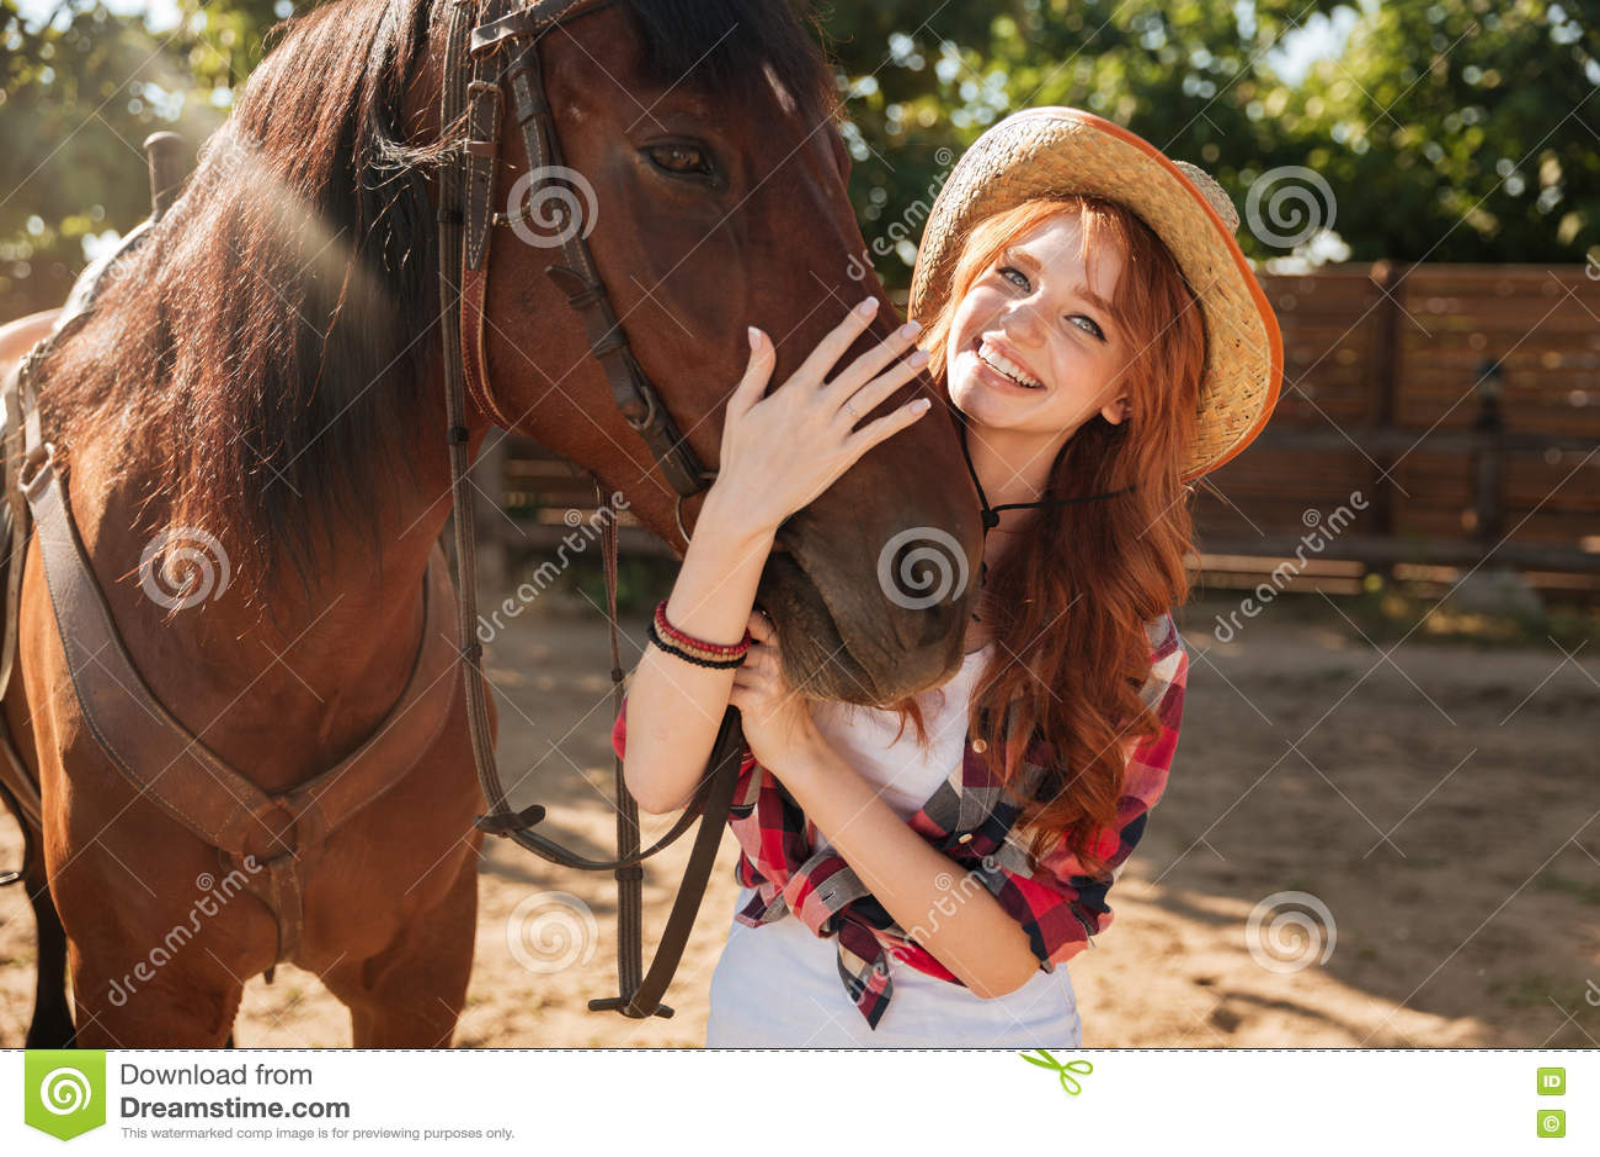 Ευτυχής γυναίκα cowgirl στο καπέλο που στέκεται και που αγκαλιάζει το άλογό της